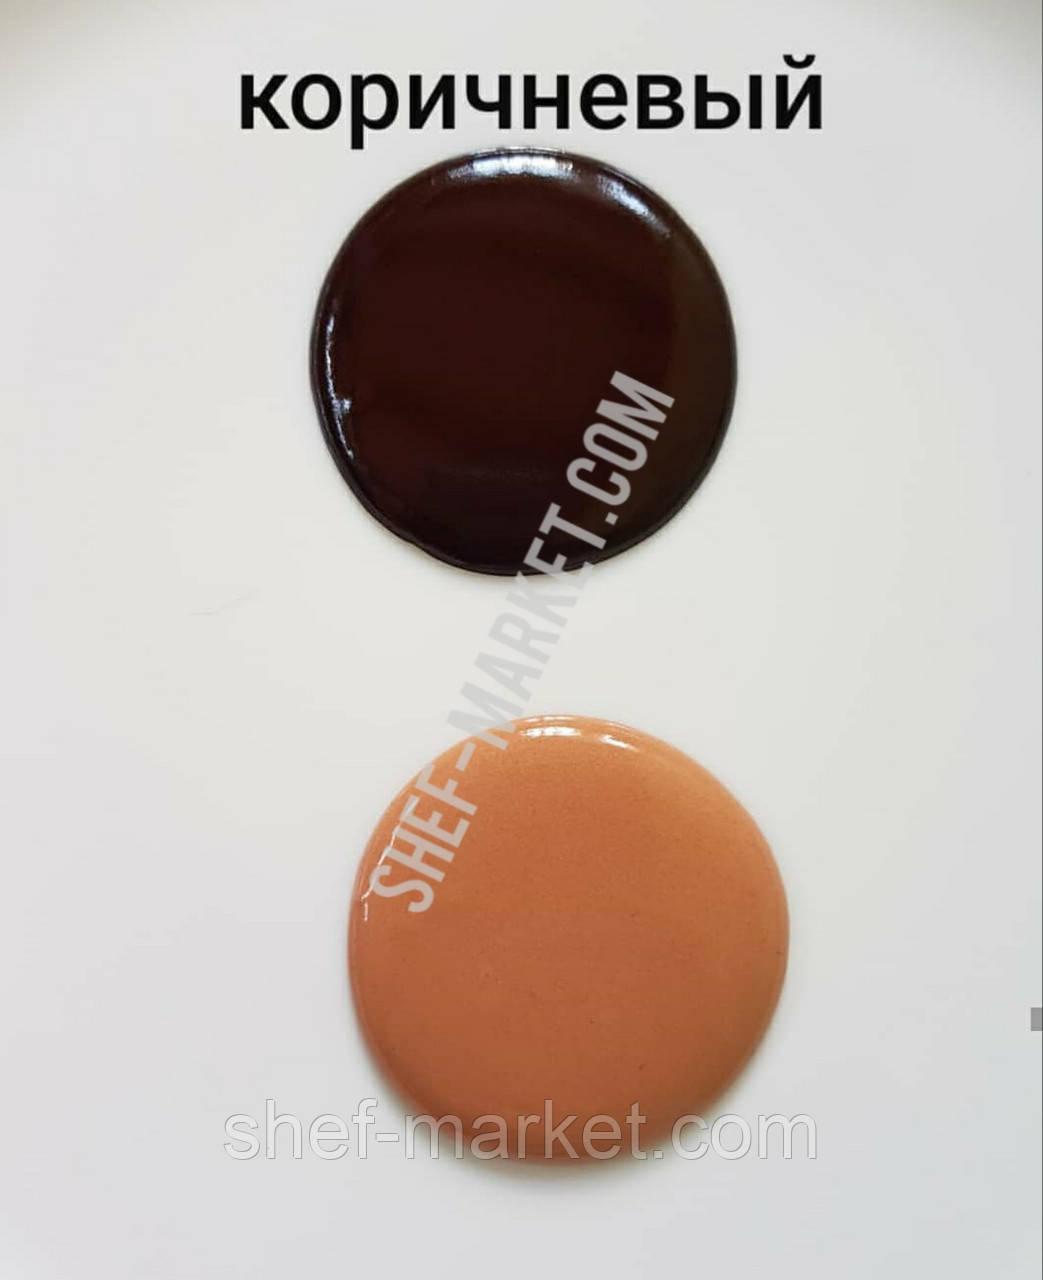 Сухой водорастворимый краситель коричневый, 5гр